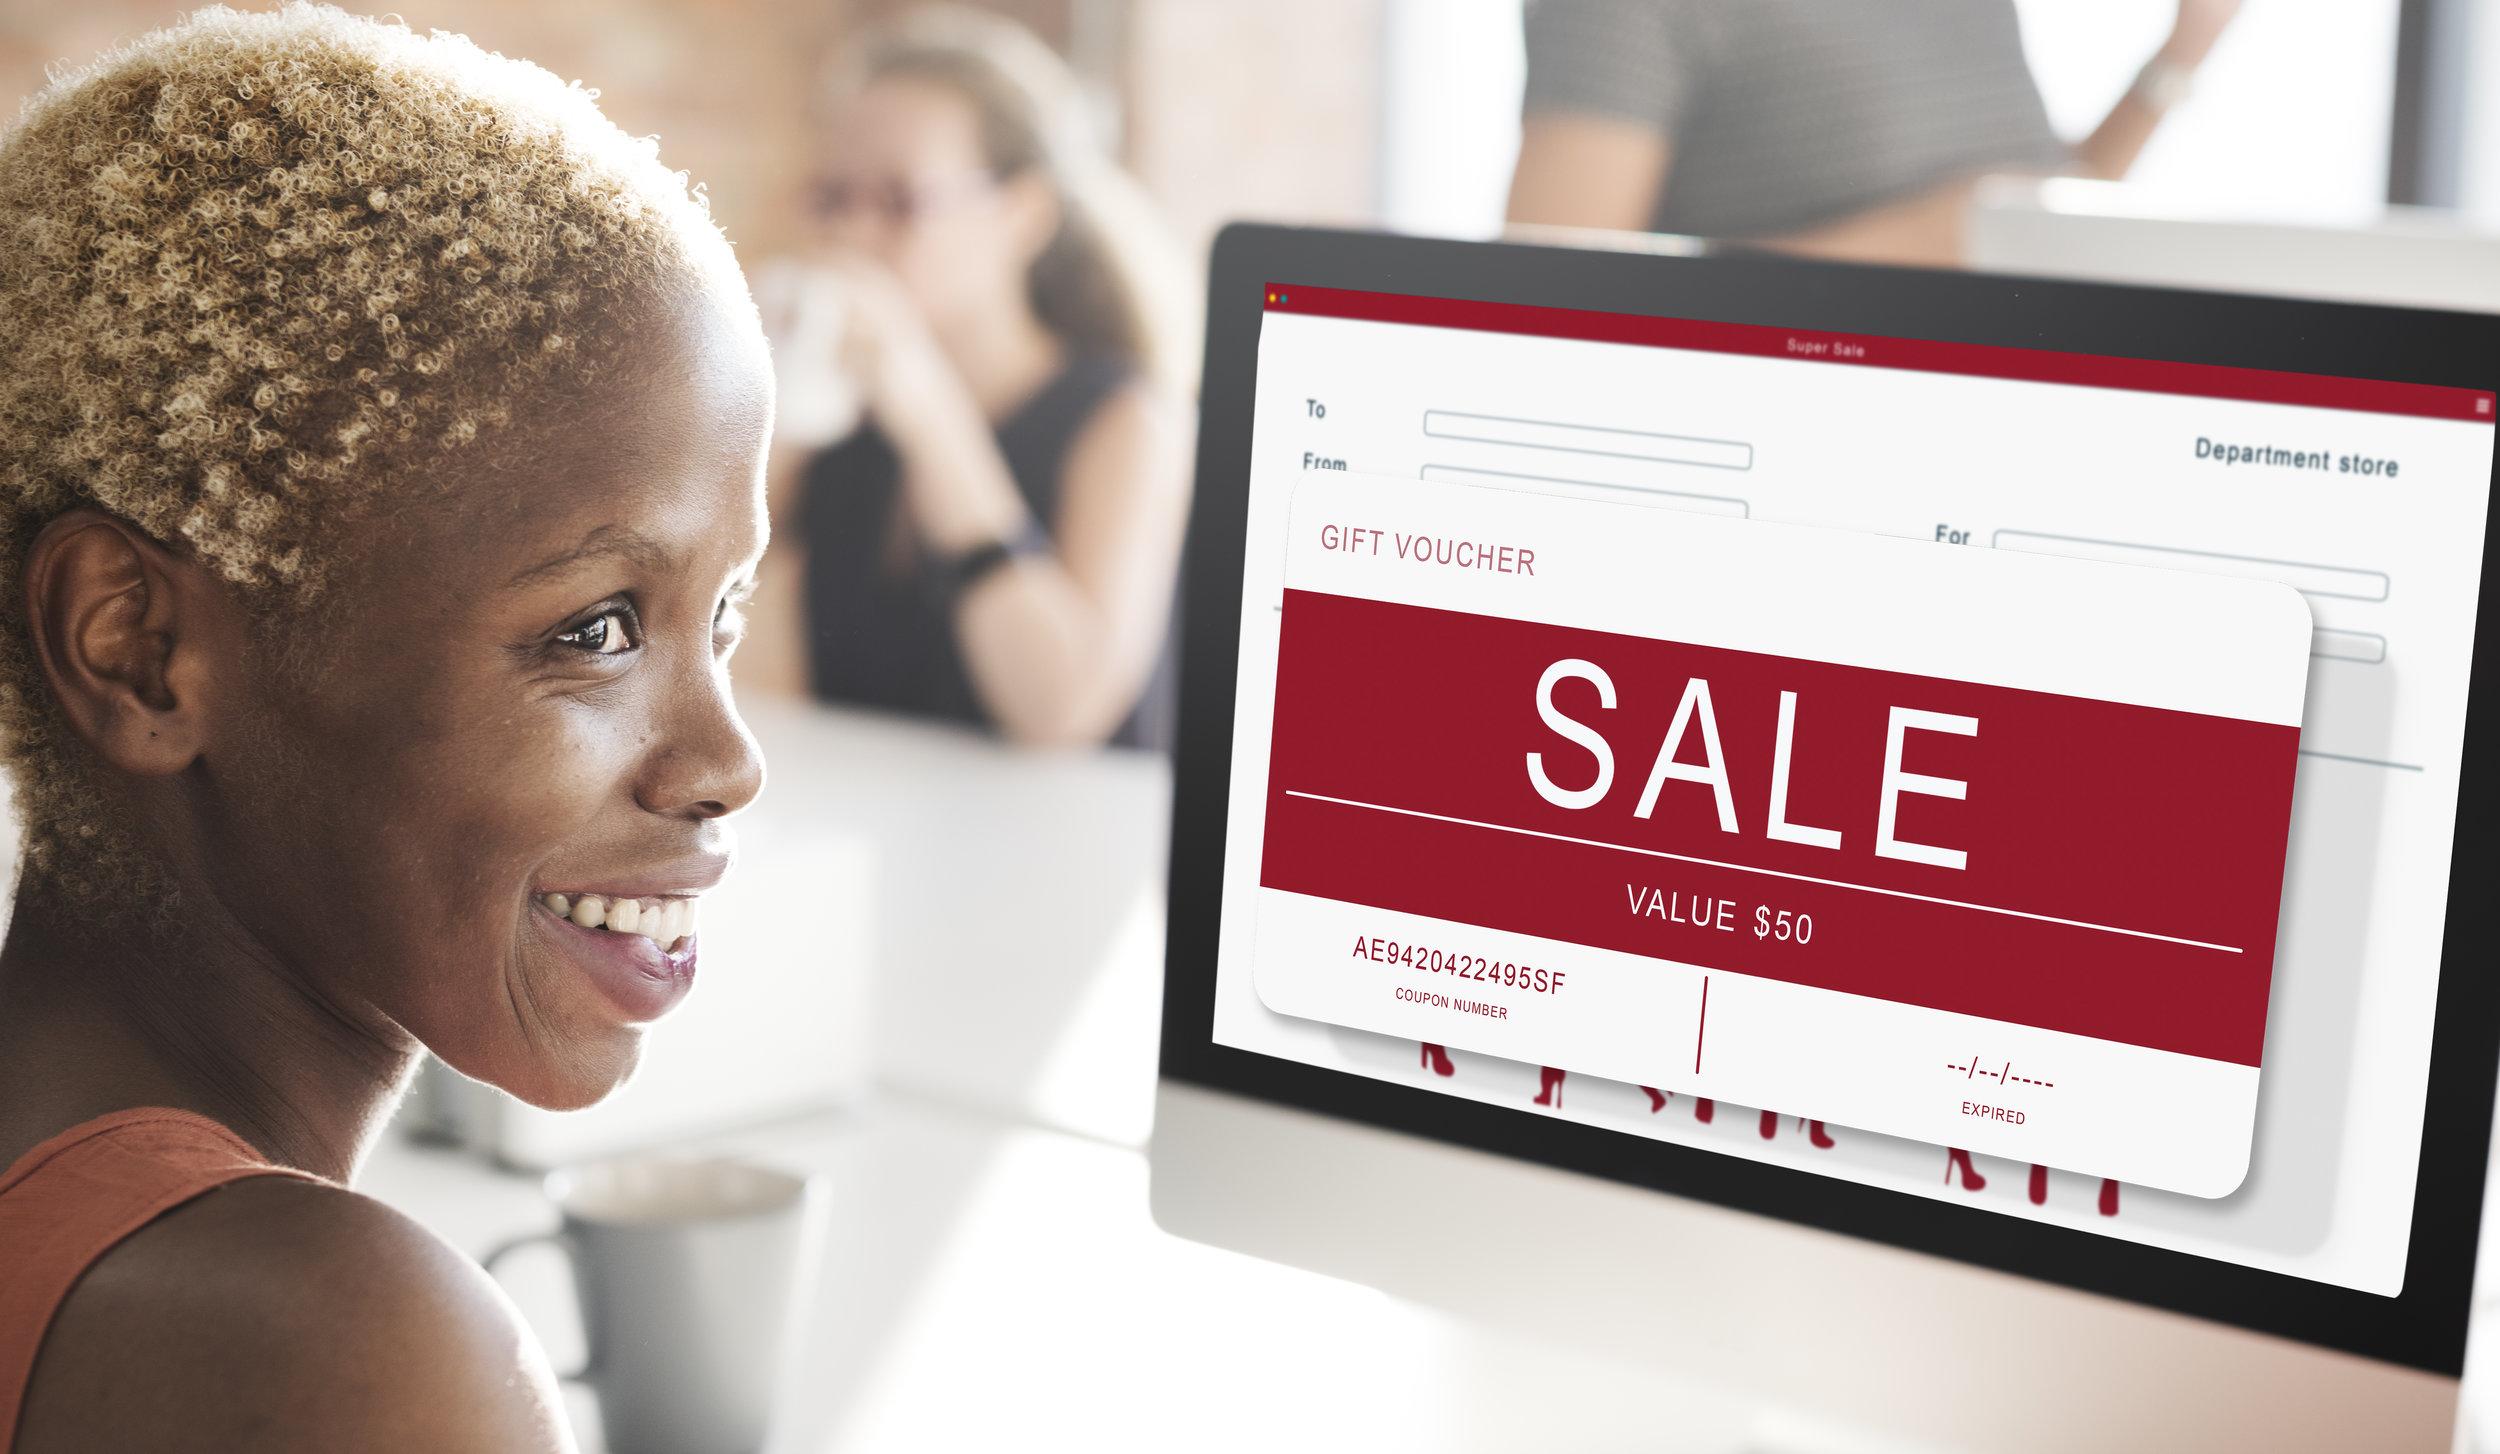 sale-voucher-online-shopping-concept-PWJPBXC.jpg